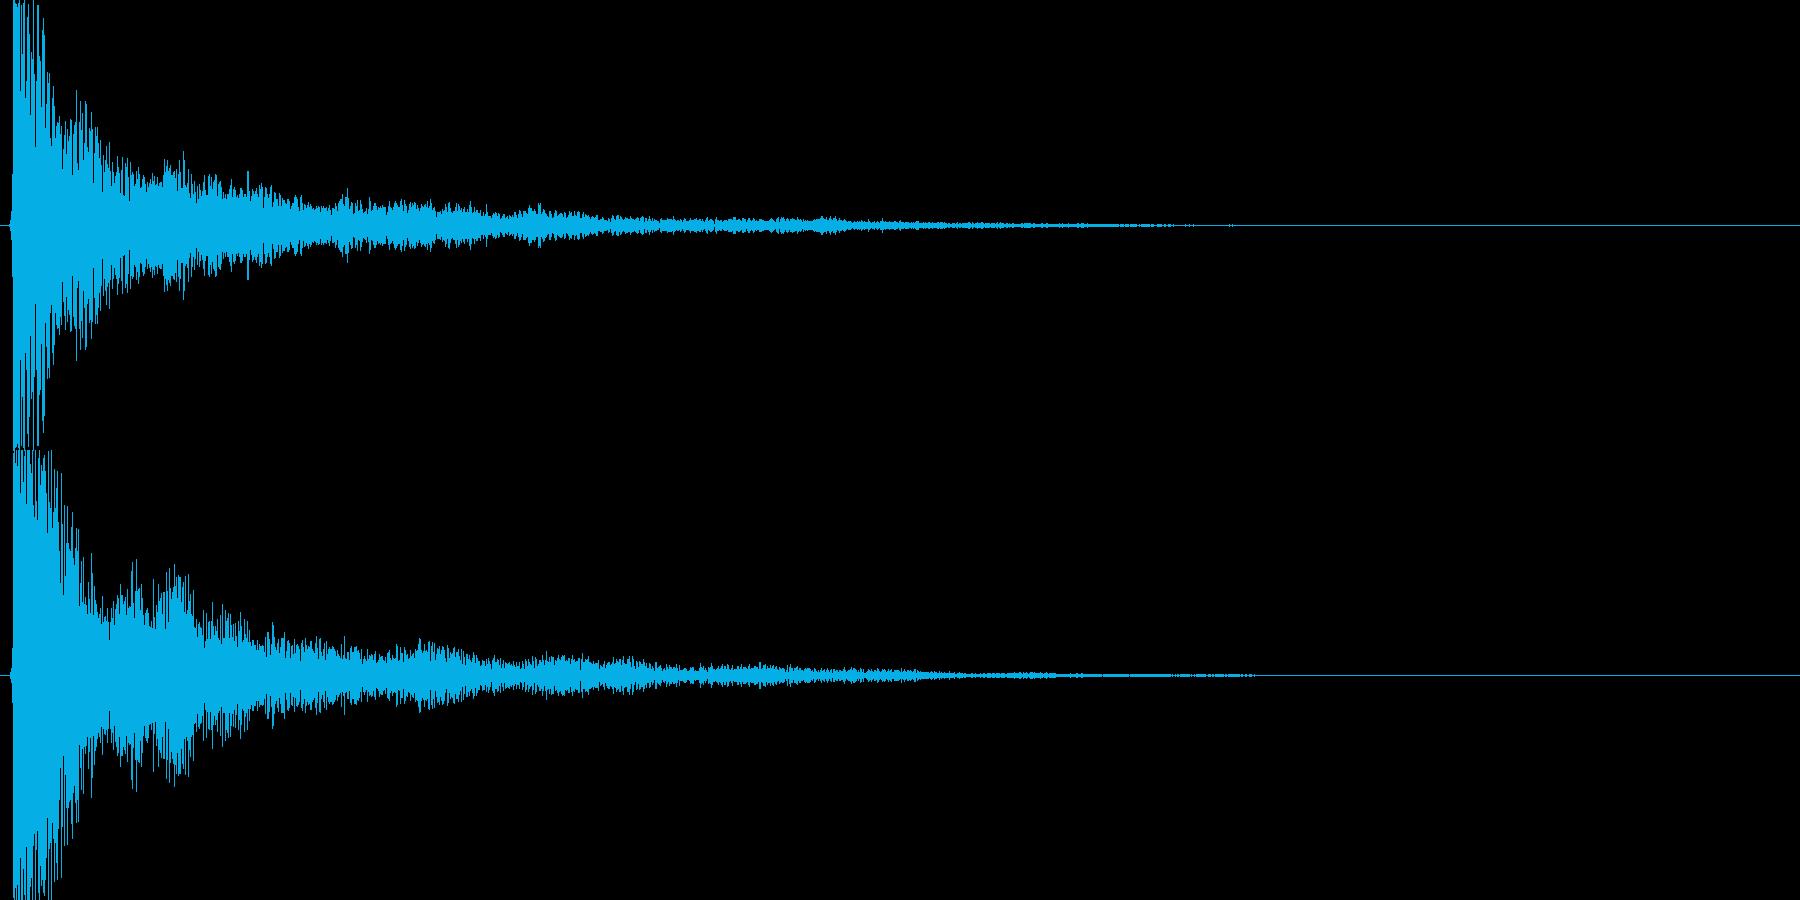 和風クリック音源【-12dBFS】の再生済みの波形